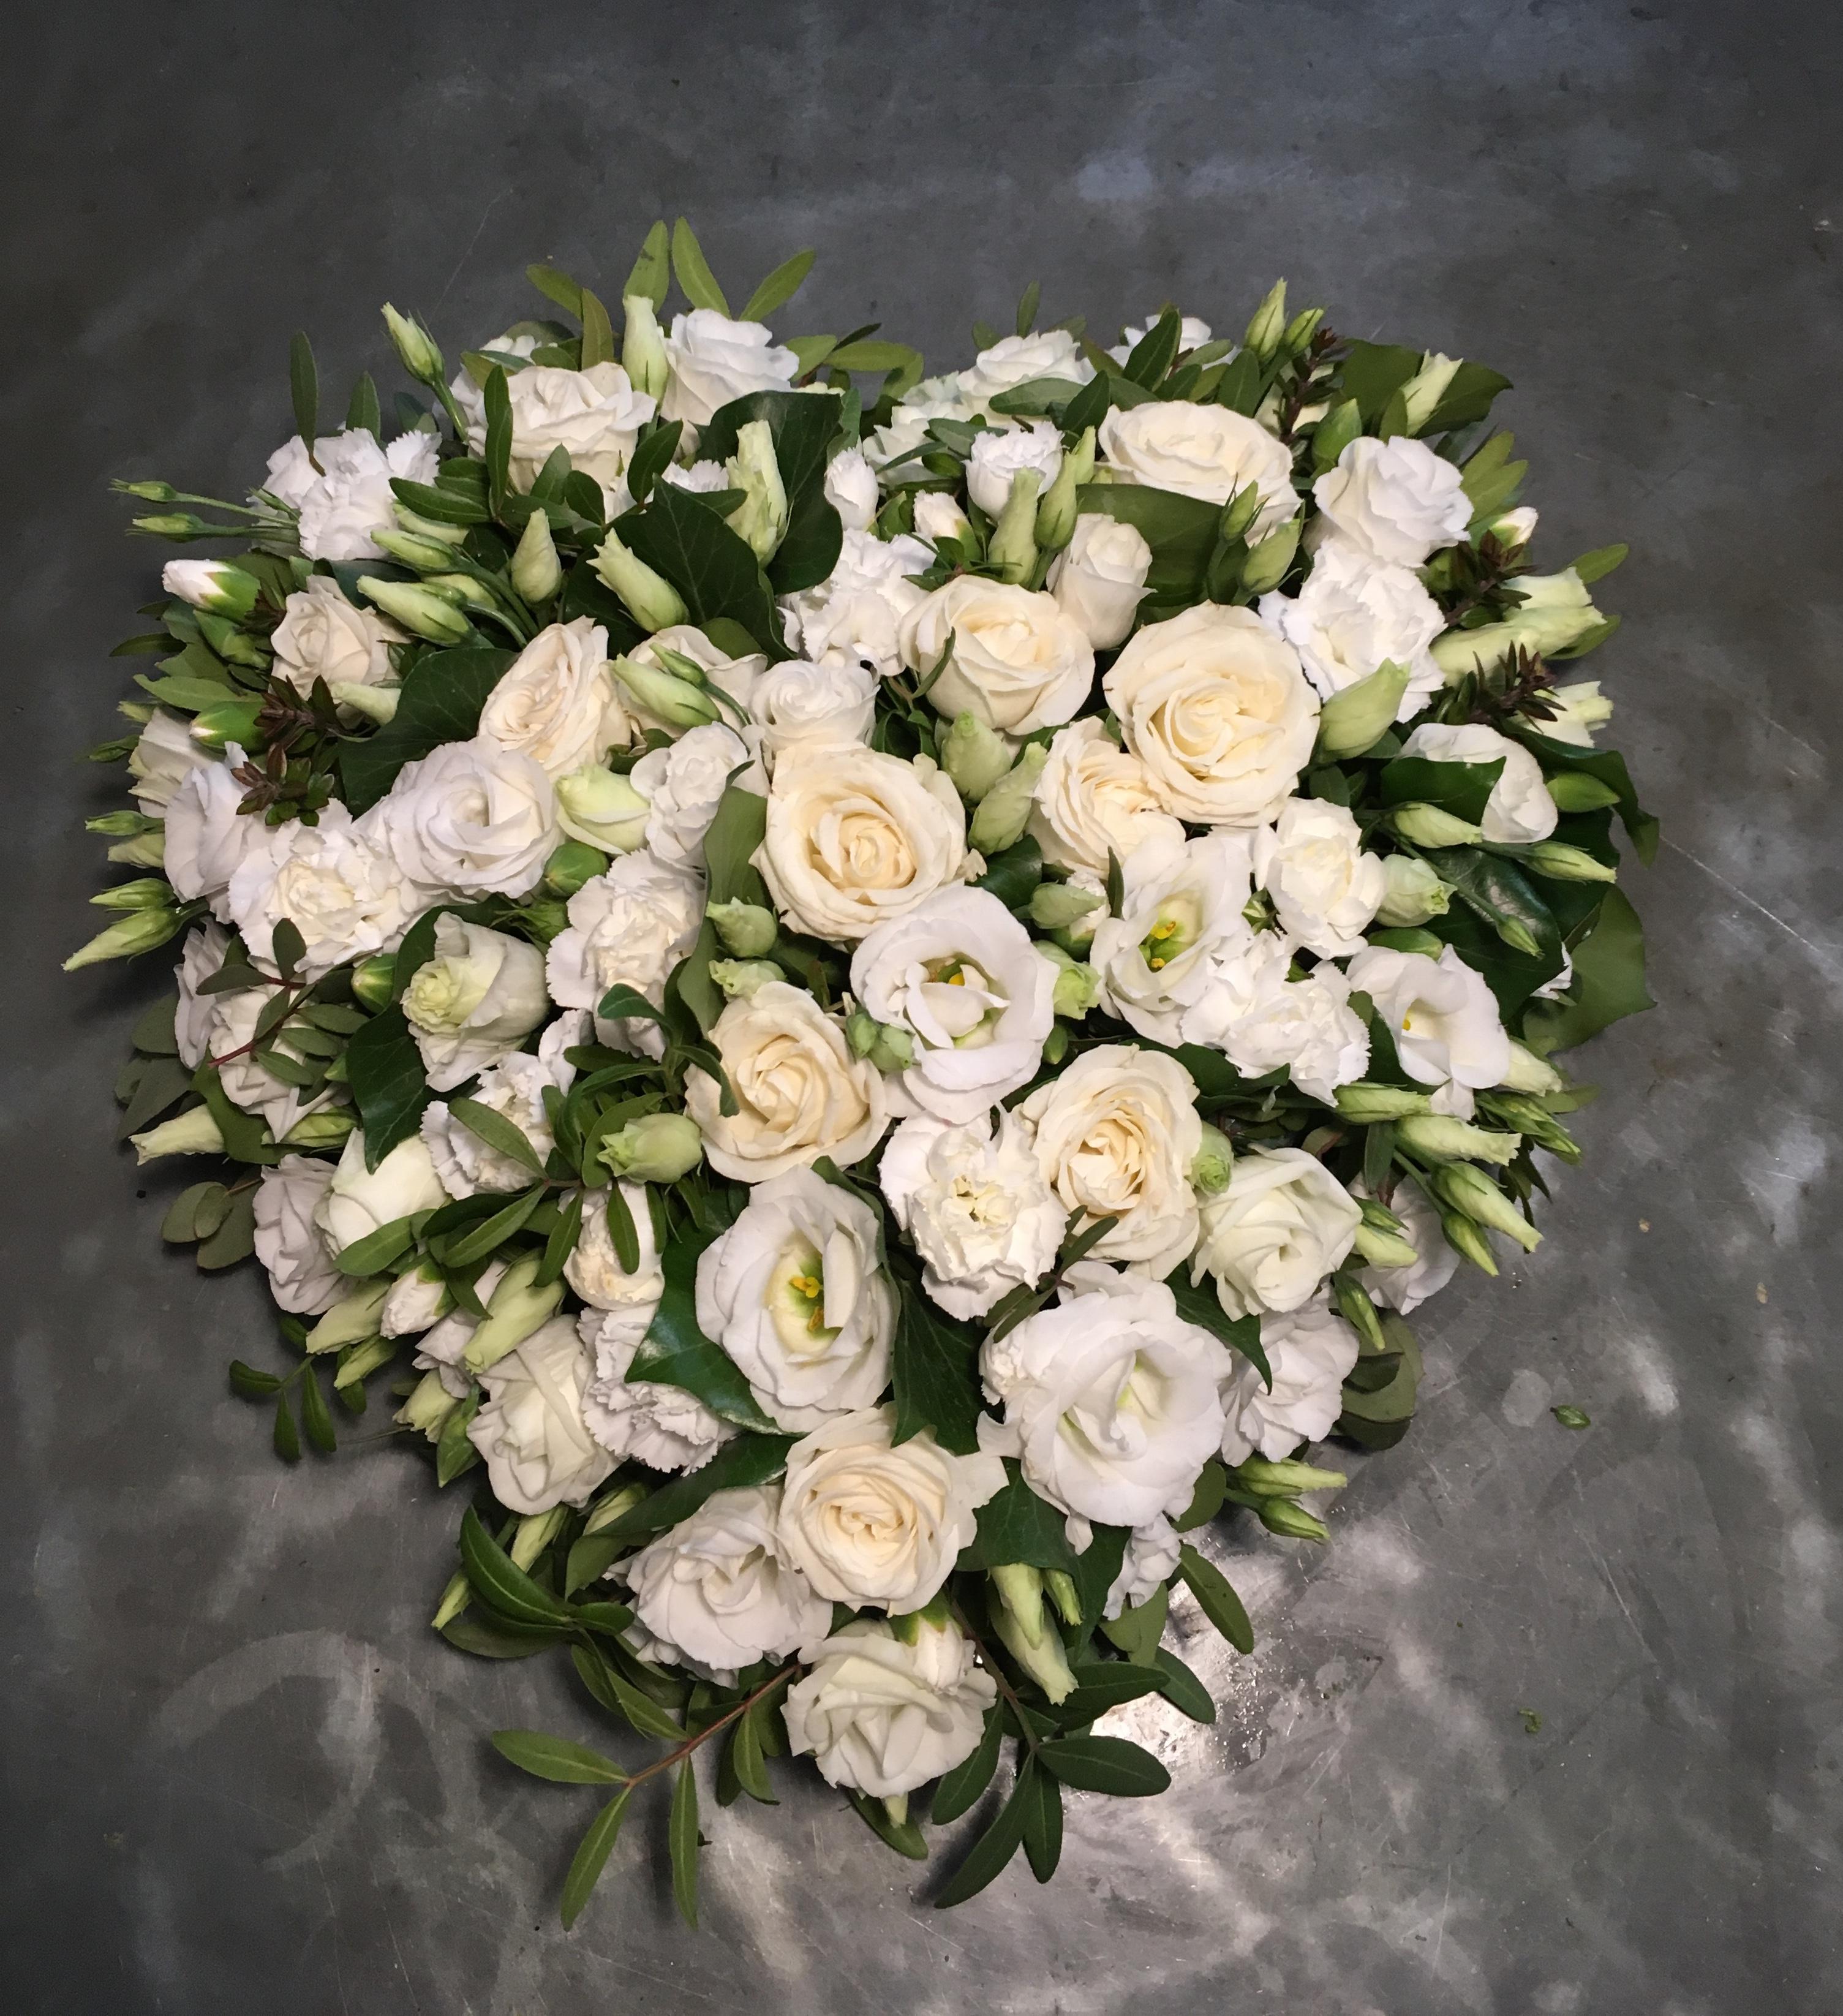 Coussin coeur lisianthus et roses Marlies Fleurs fleuriste Nimes